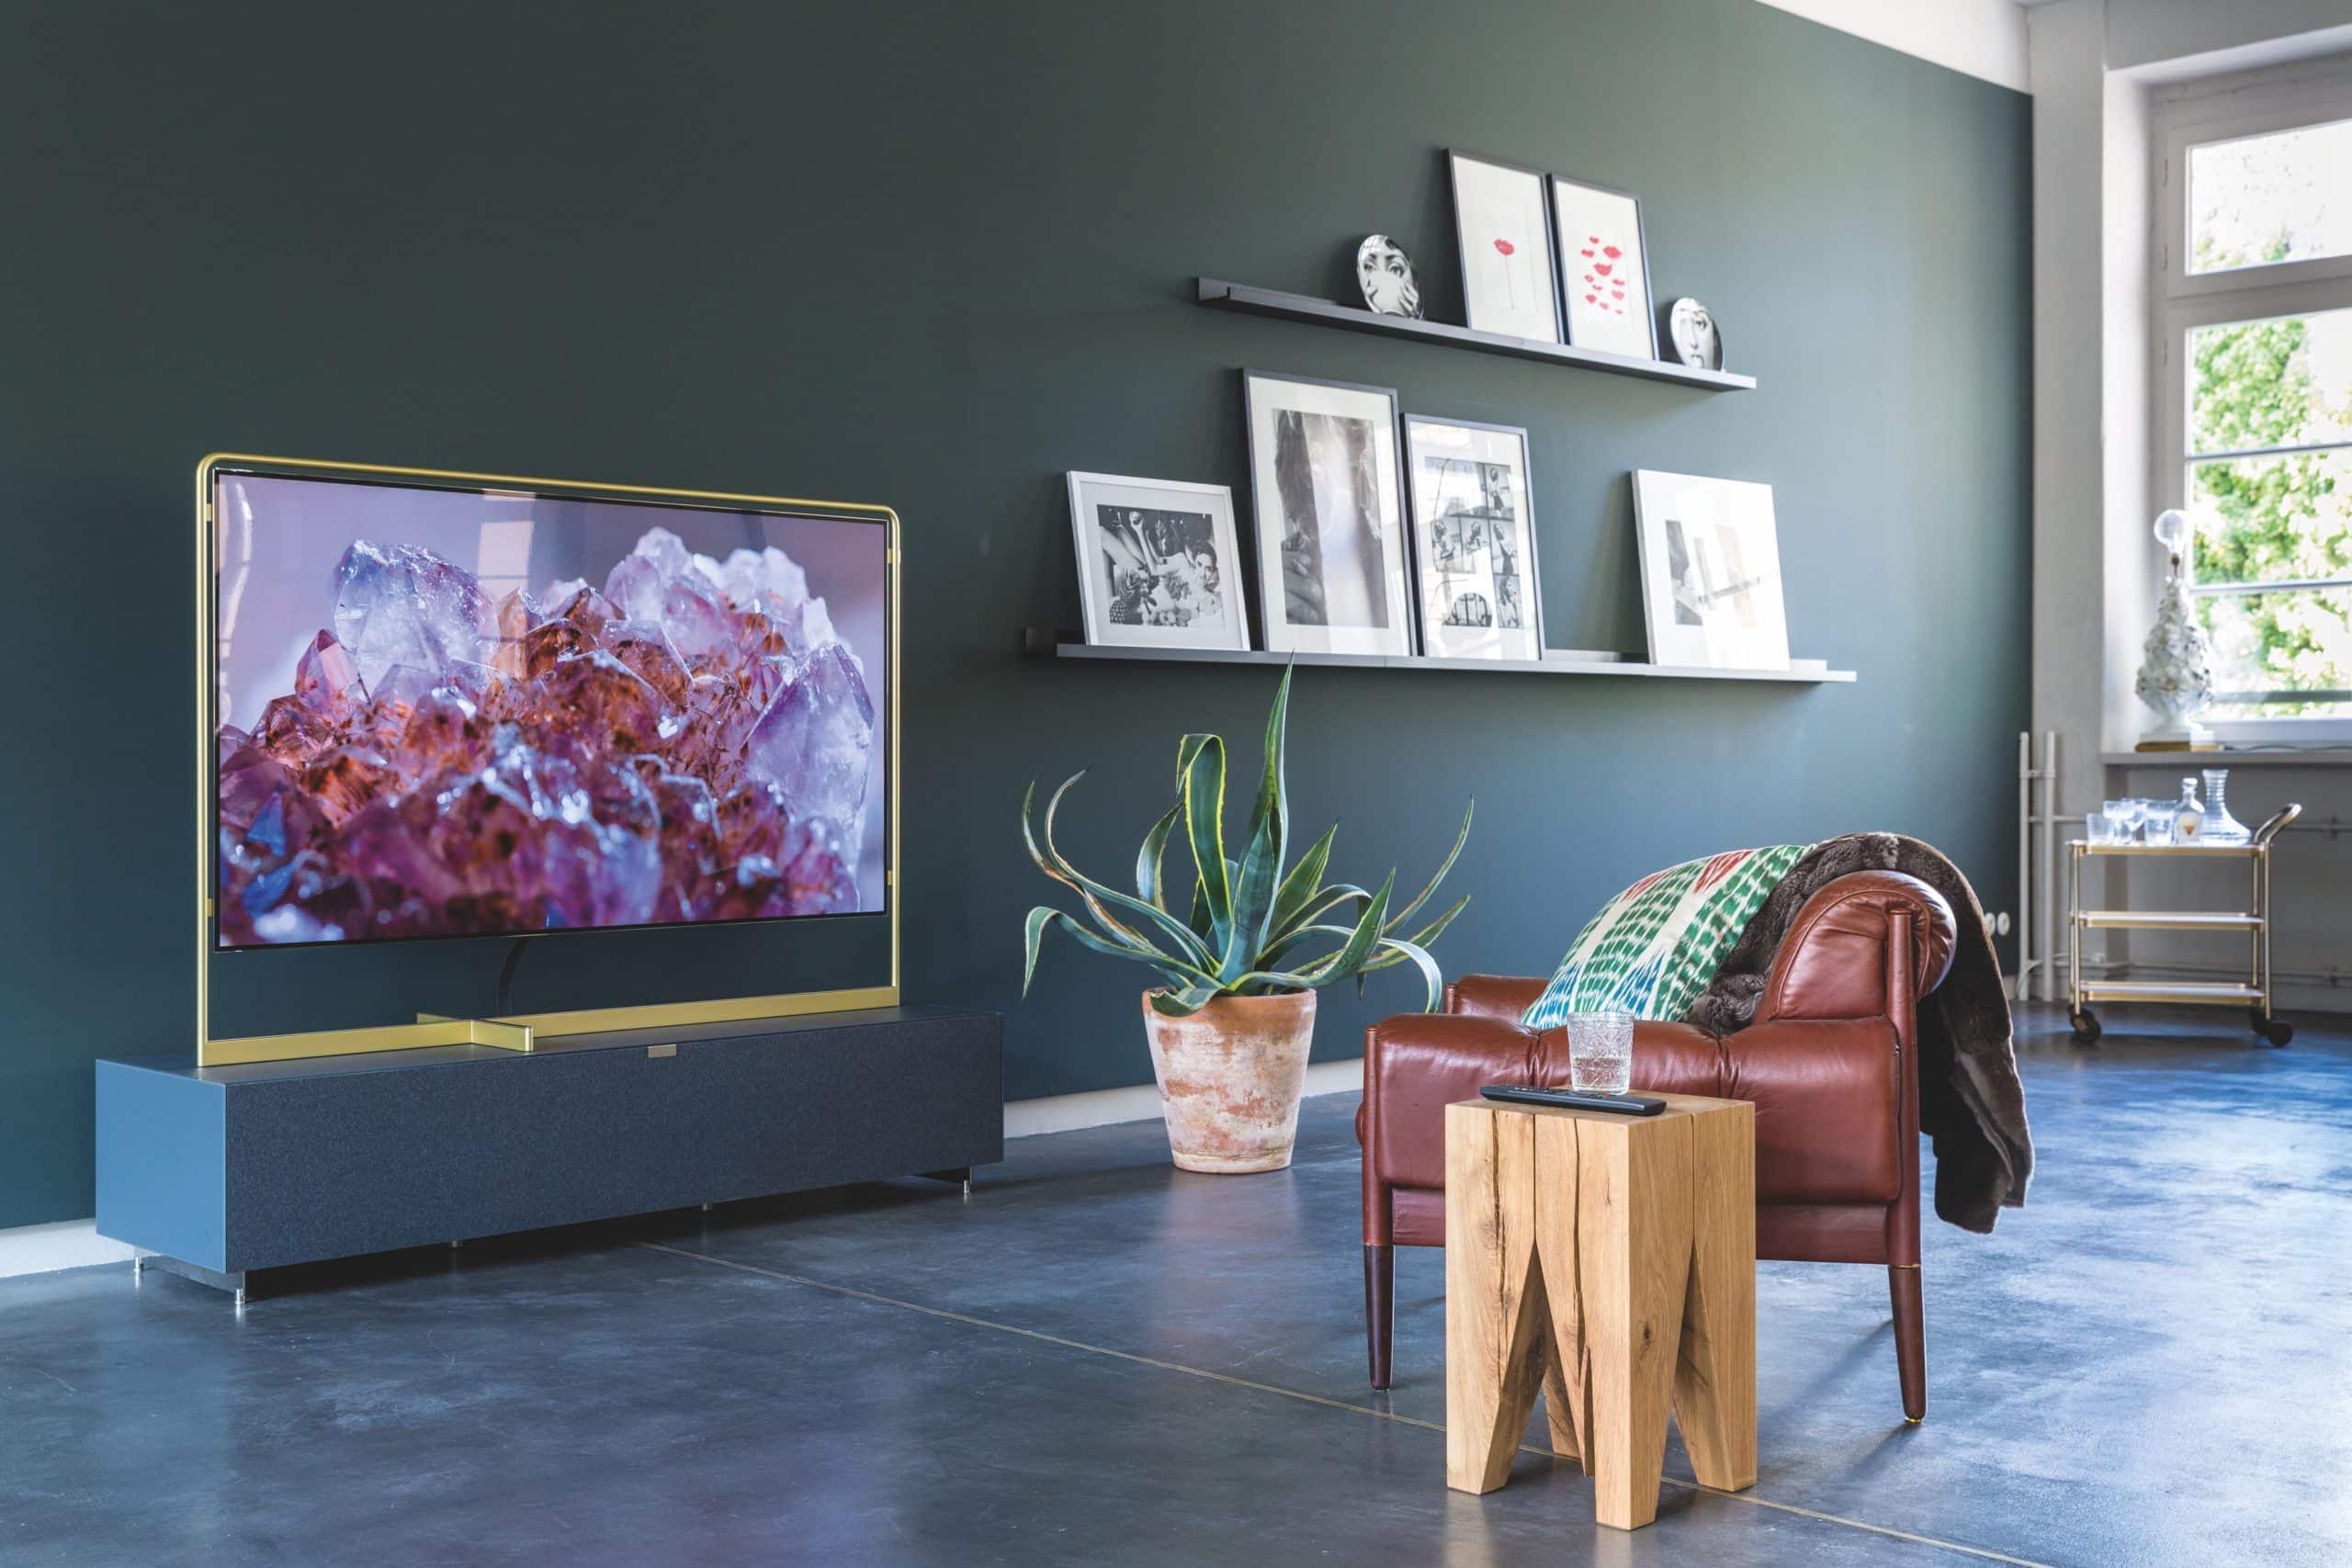 الألوان المناسبة في كل غرفة في منزلك والأماكن العامة 2021